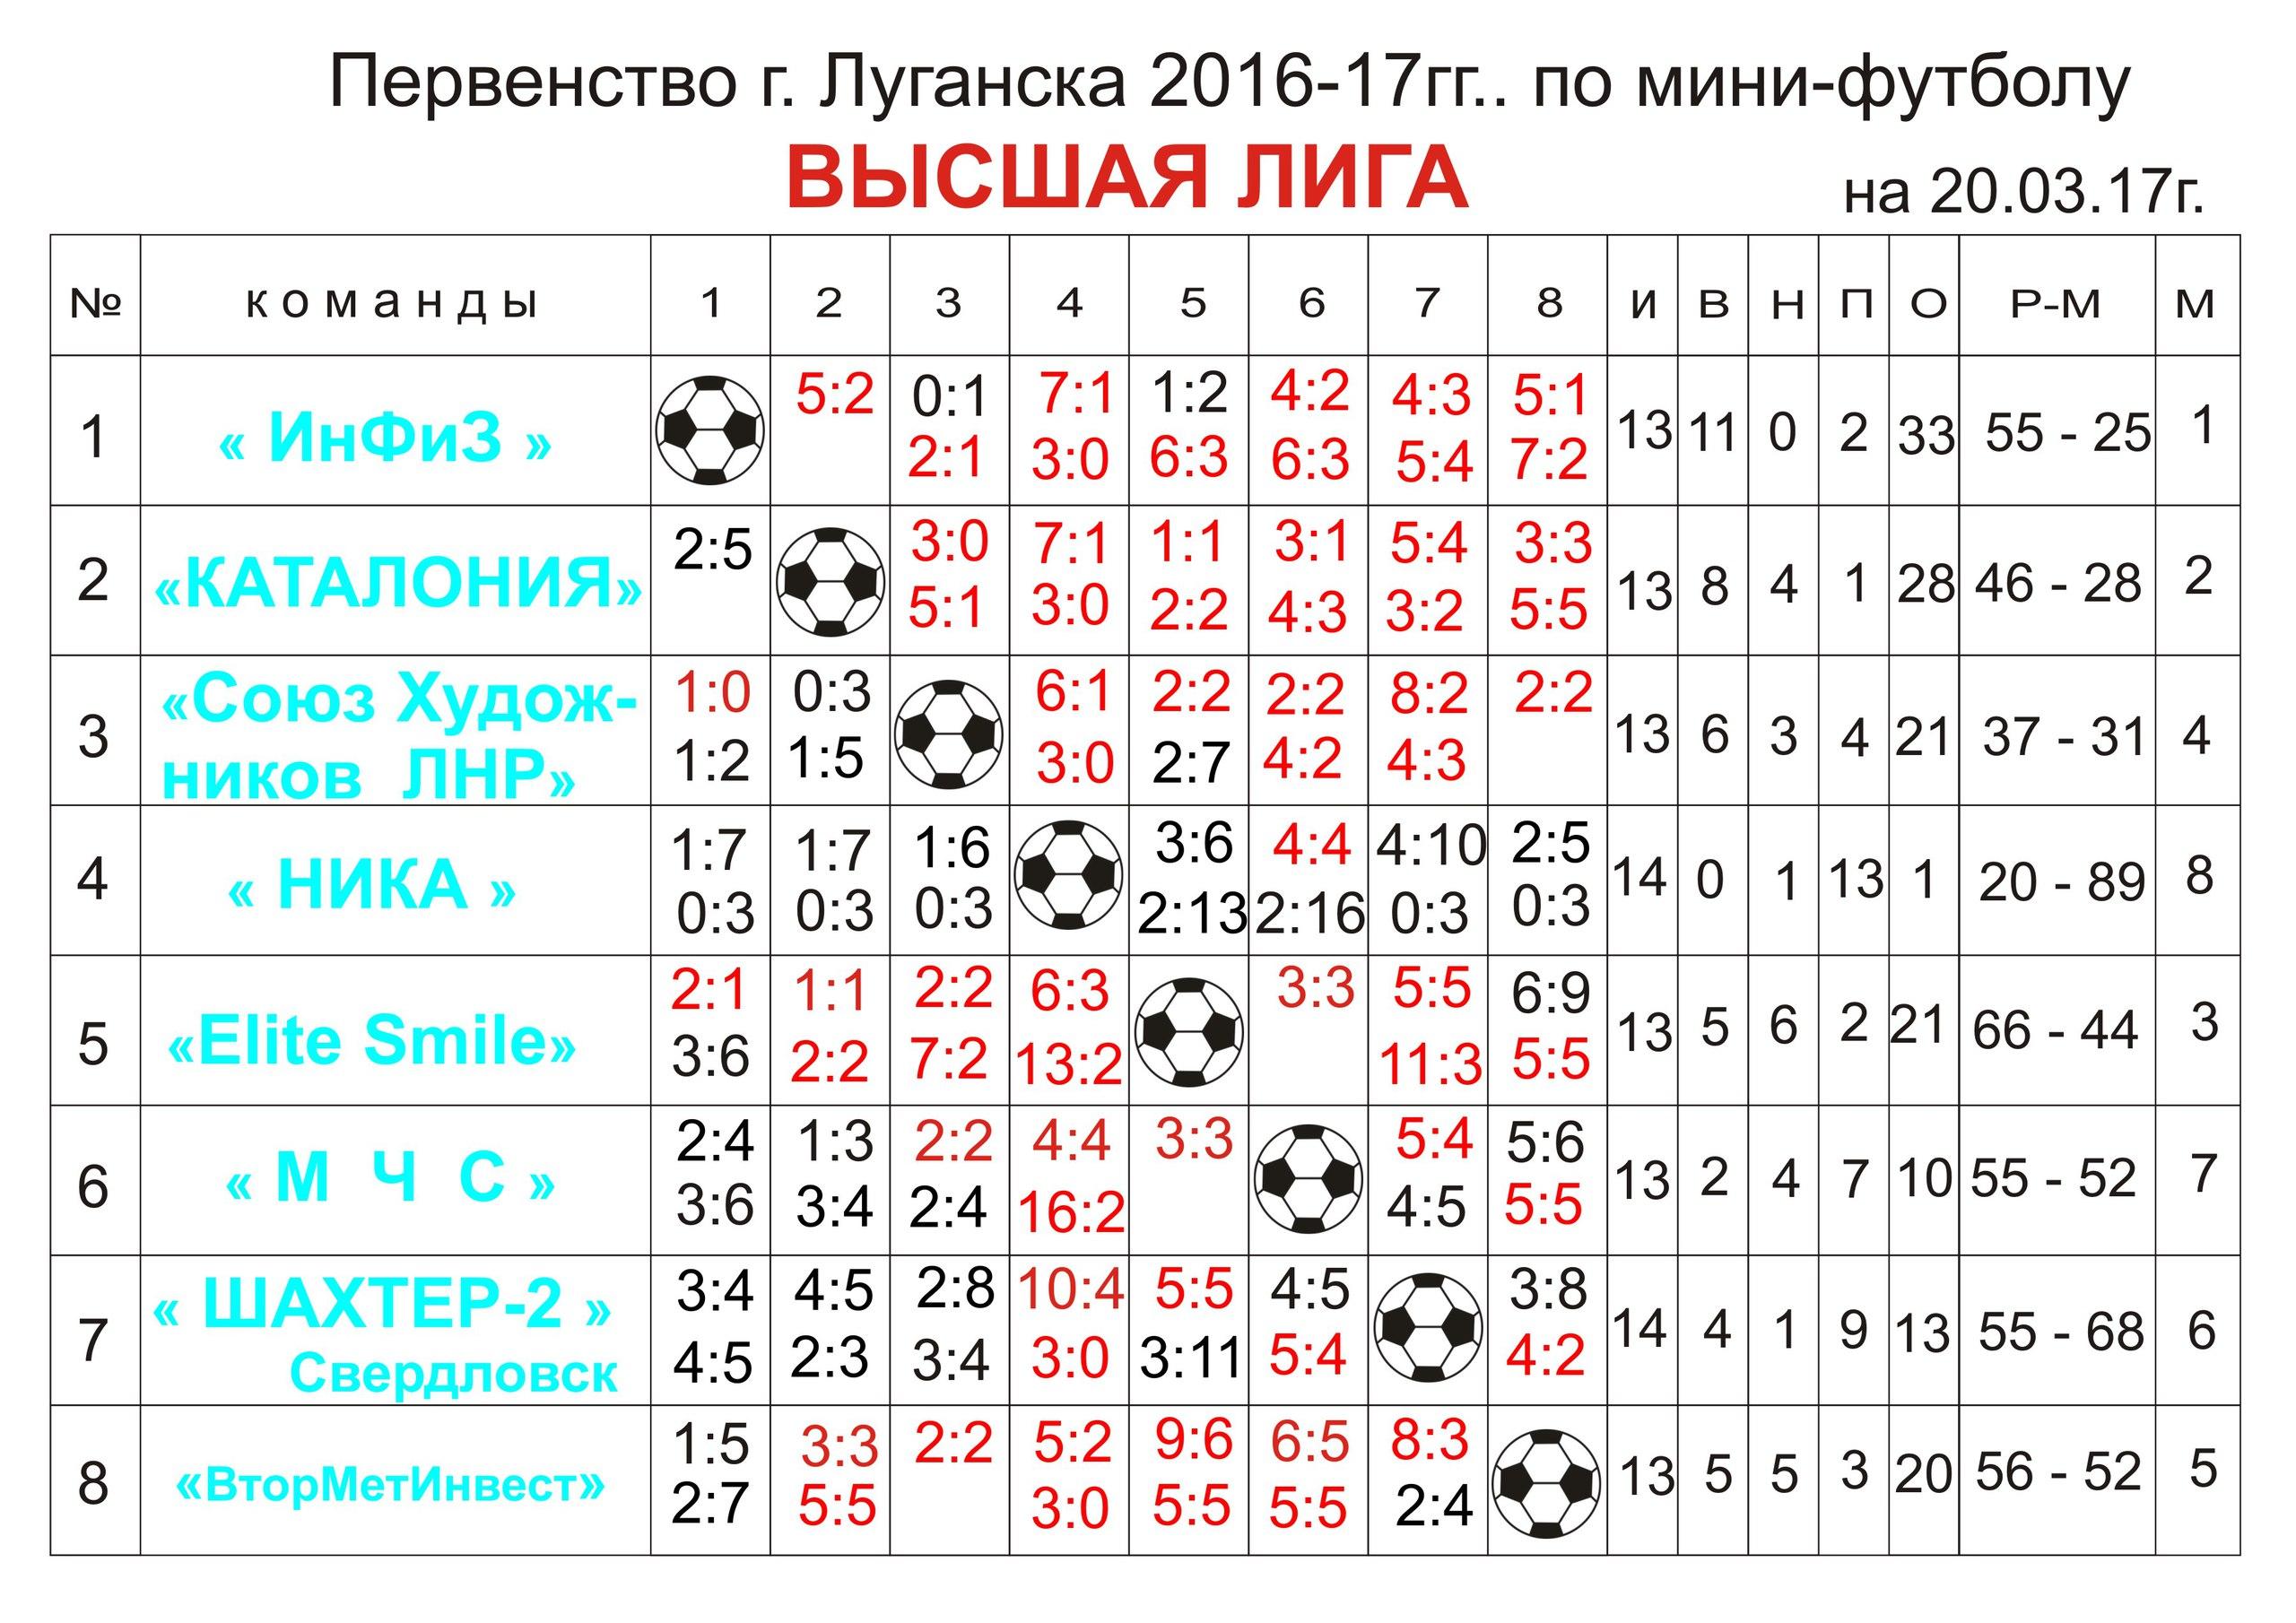 Первенство г.Луганска Высшая лига